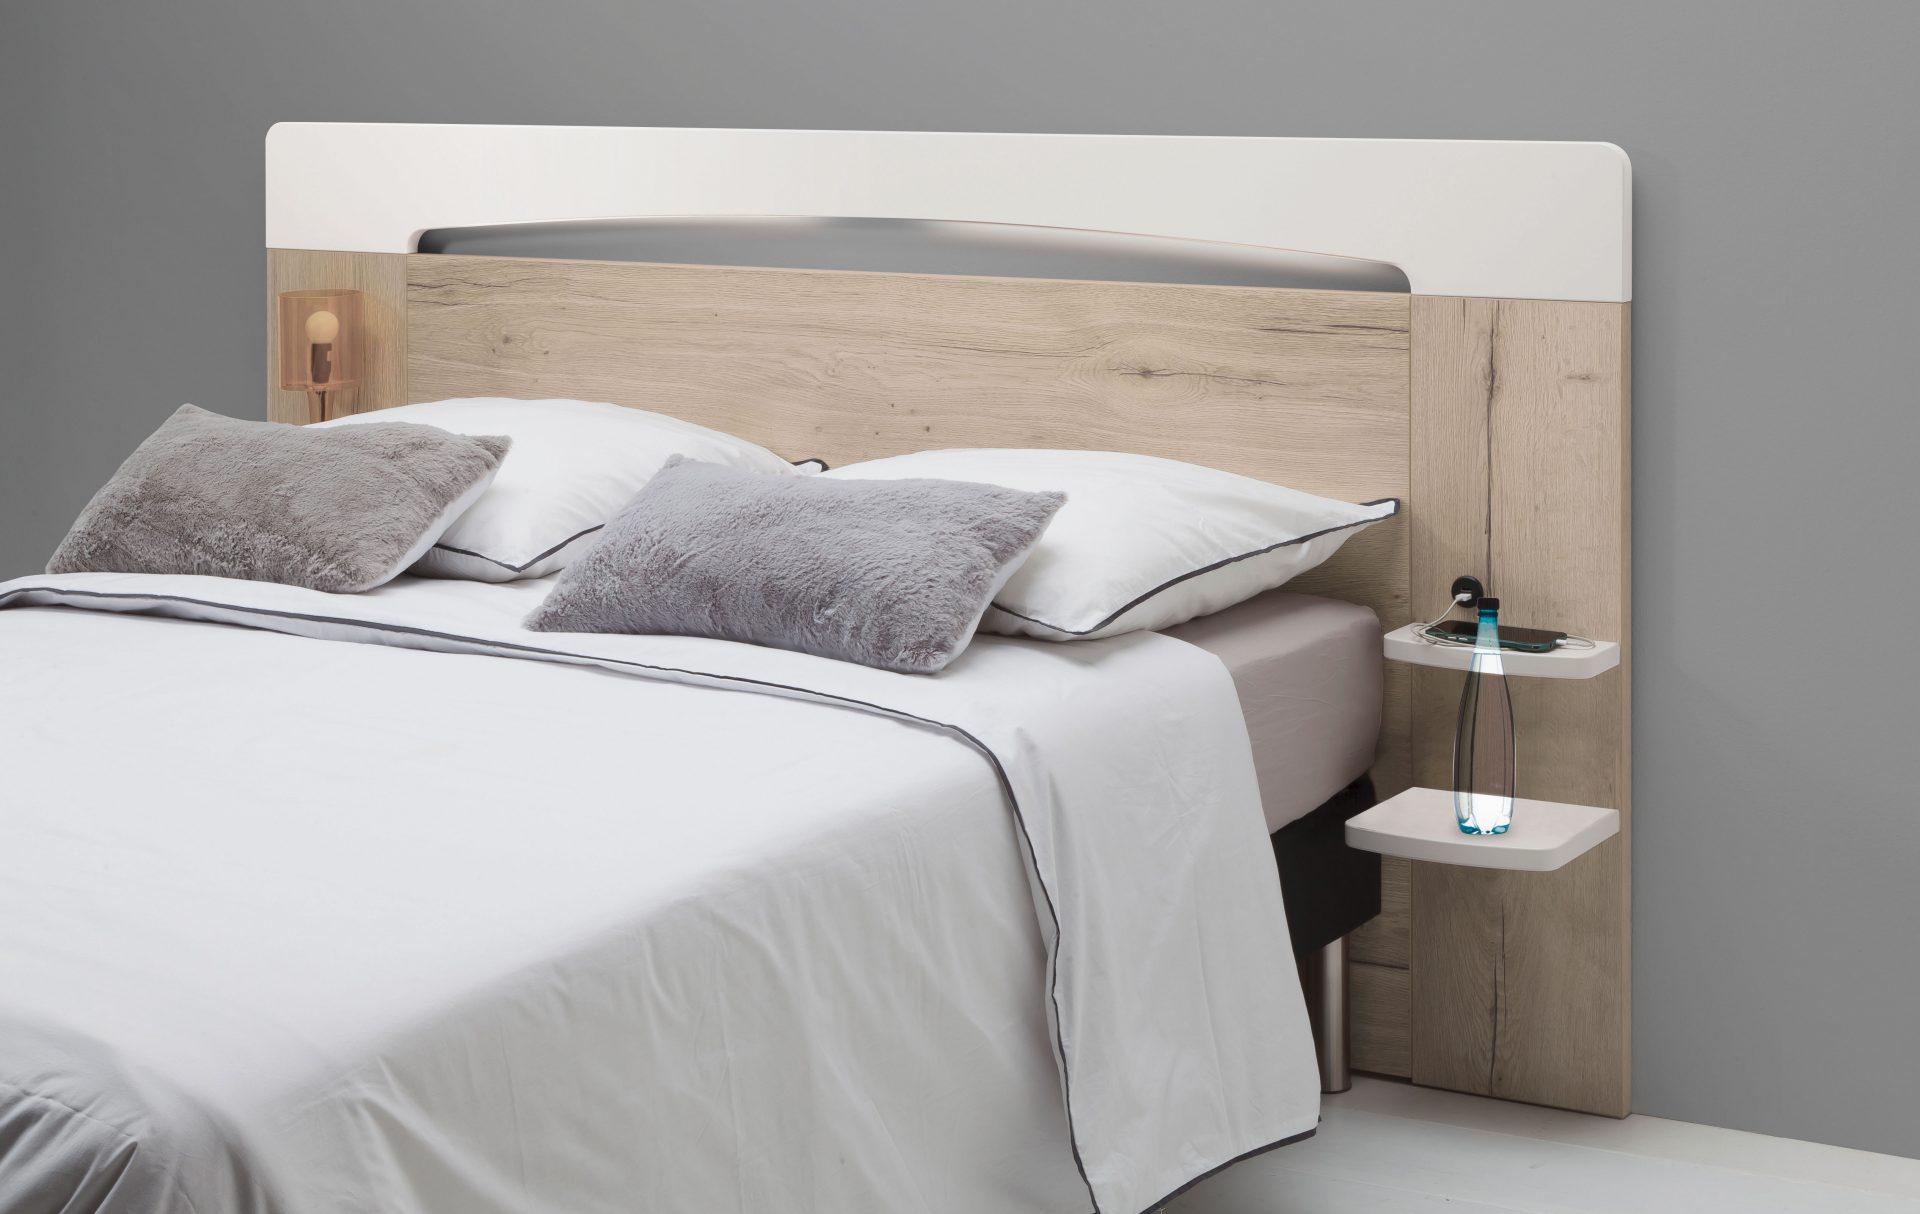 T te de lit verseau blanc laque perle 140 ou 160 meubles minet - Tete de lit blanc laque 160 ...